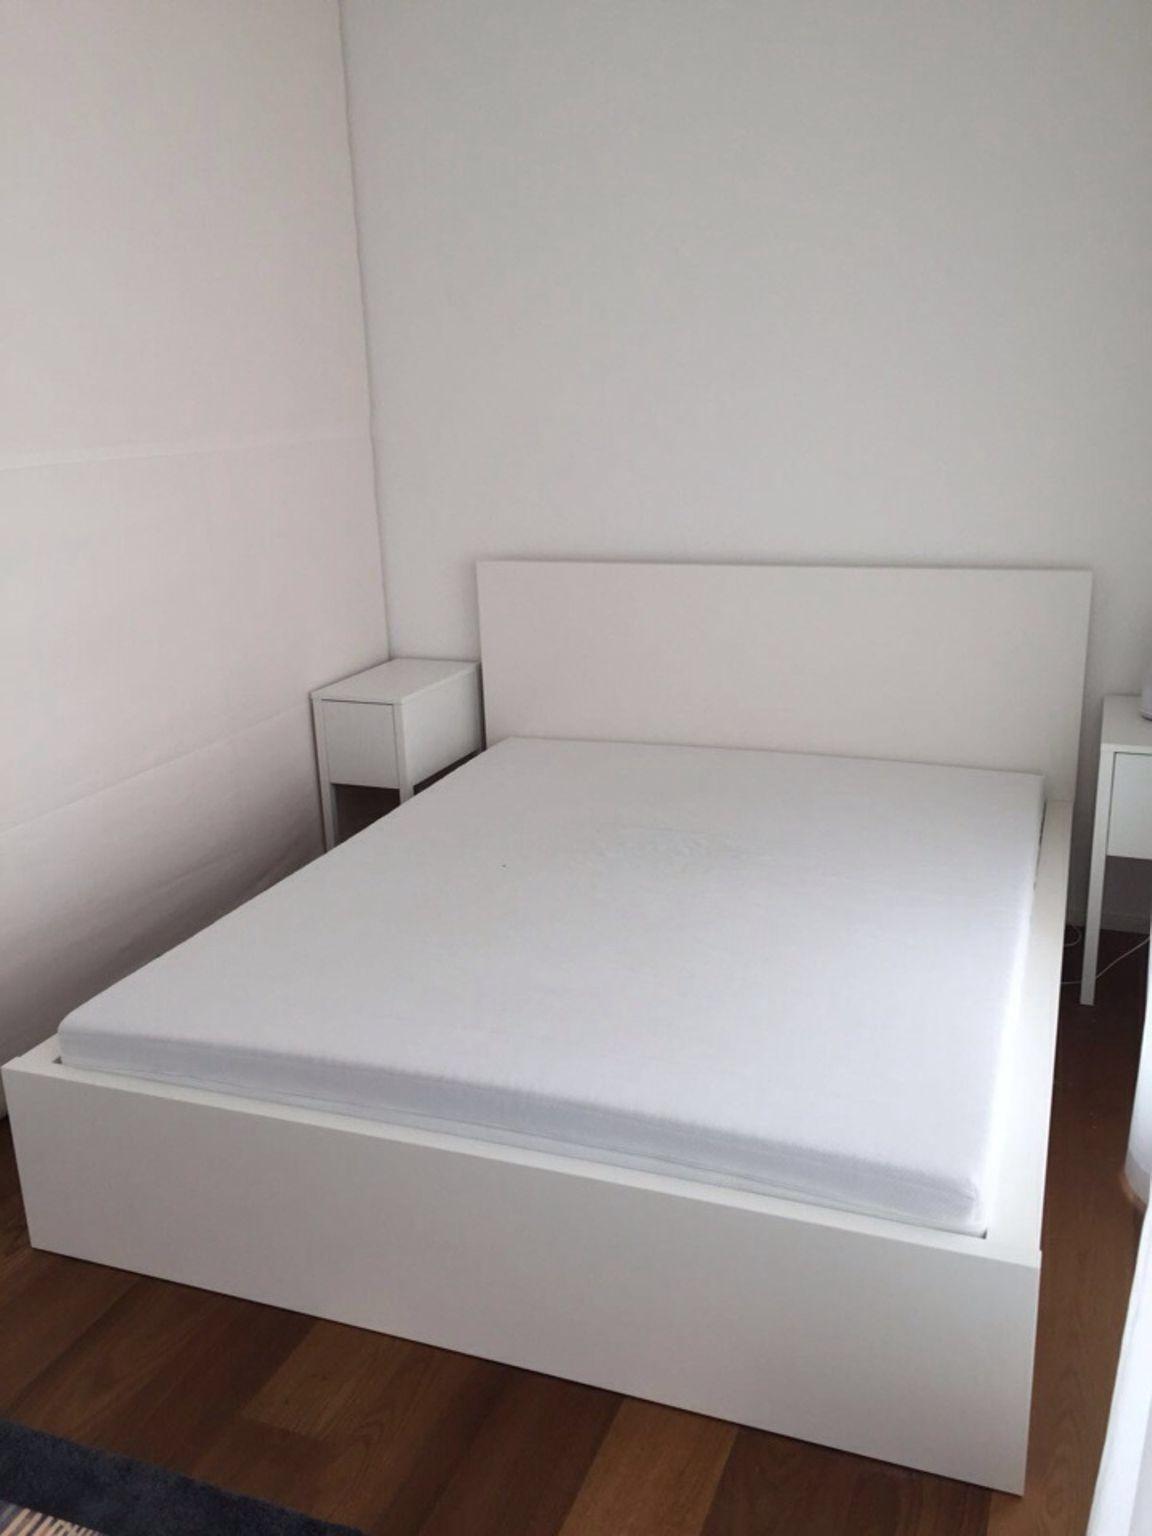 Bett Idee Ikea Malm Bett Malm Bett Bett 140x200 Weiss